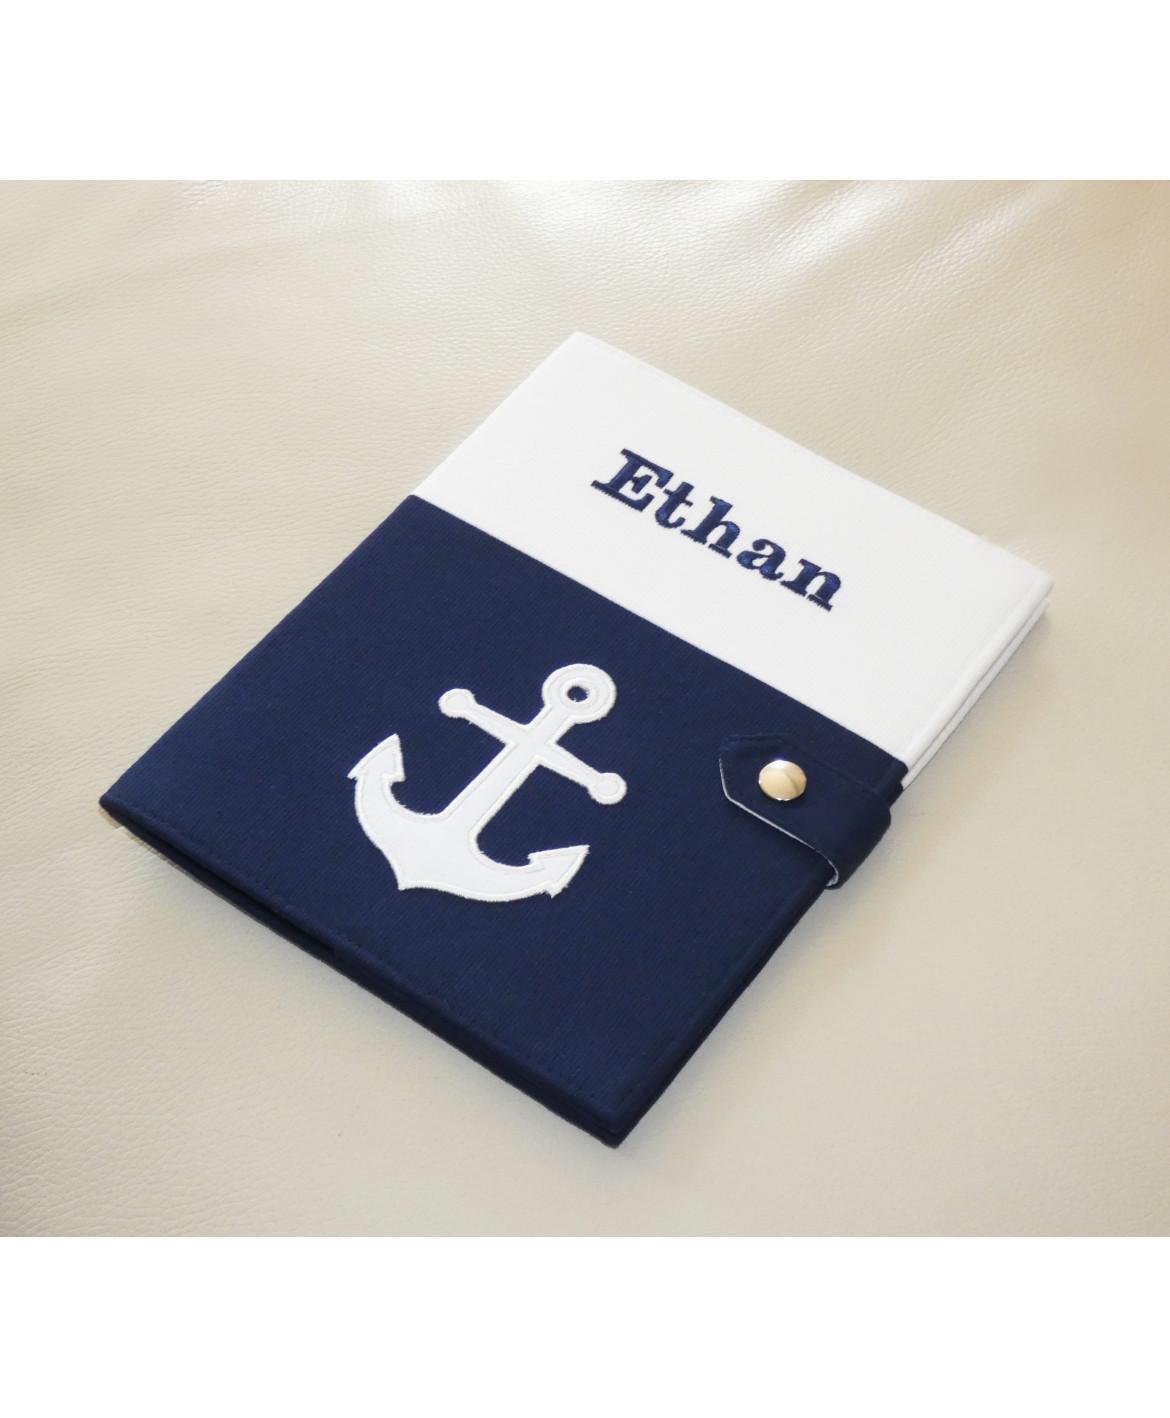 Protège carnet de santé rigide personnalisé - Cadeau de naissance personnalisé - thème marin